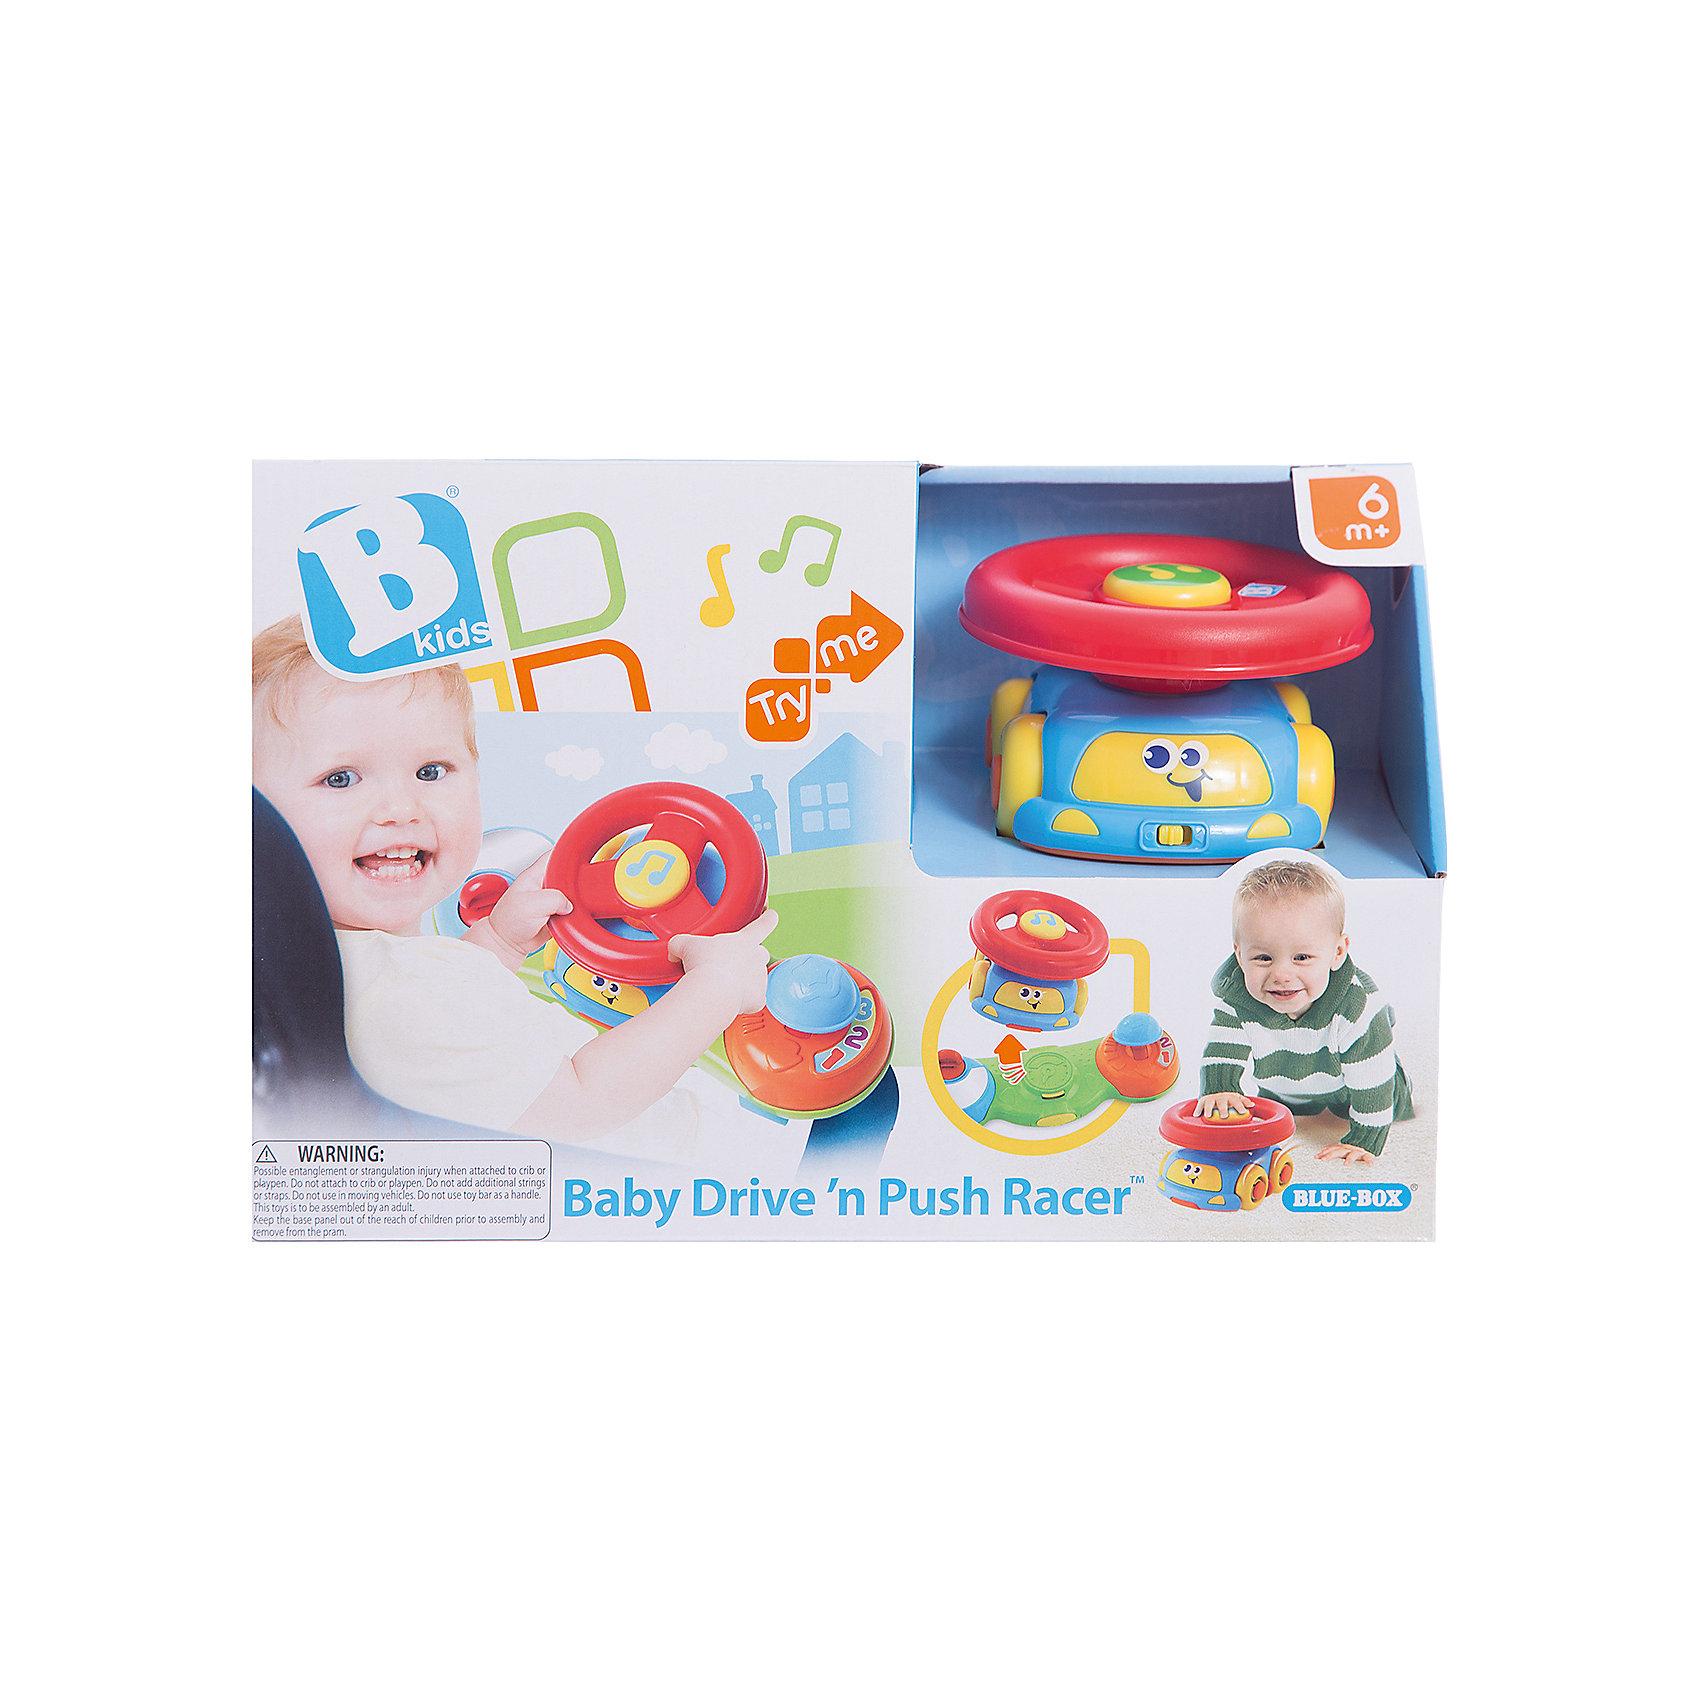 Музыкальная игрушка 2 в 1 Маленький водитель, BKidsРазвивать способности ребенка можно с самого раннего возраста. Делая это в игре, малыш всесторонне изучает мир и осваивает новые навыки. Эта игрушка представляет собой одновременно музыкальную игровую панель на коляску и симпатичную машинку со съемным рулем на крыше.<br>Такие игрушки способствуют развитию мелкой моторики, воображения, цвето- и звуковосприятия, тактильных ощущений и обучению. Изделие разработано специально для самых маленьких. Сделано из материалов, безопасных для детей.<br><br>Дополнительная информация:<br><br>цвет: разноцветный;<br>размер упаковки: 30 х 12 х 20 см;<br>батарейки: 2хLR44, входят в комплект;<br>возраст: от полугода.<br><br>Музыкальную игрушку 2 в 1 Маленький водитель от бренда BKids можно купить в нашем интернет-магазине.<br><br>Ширина мм: 114<br>Глубина мм: 114<br>Высота мм: 203<br>Вес г: 458<br>Возраст от месяцев: 6<br>Возраст до месяцев: 36<br>Пол: Унисекс<br>Возраст: Детский<br>SKU: 5055374